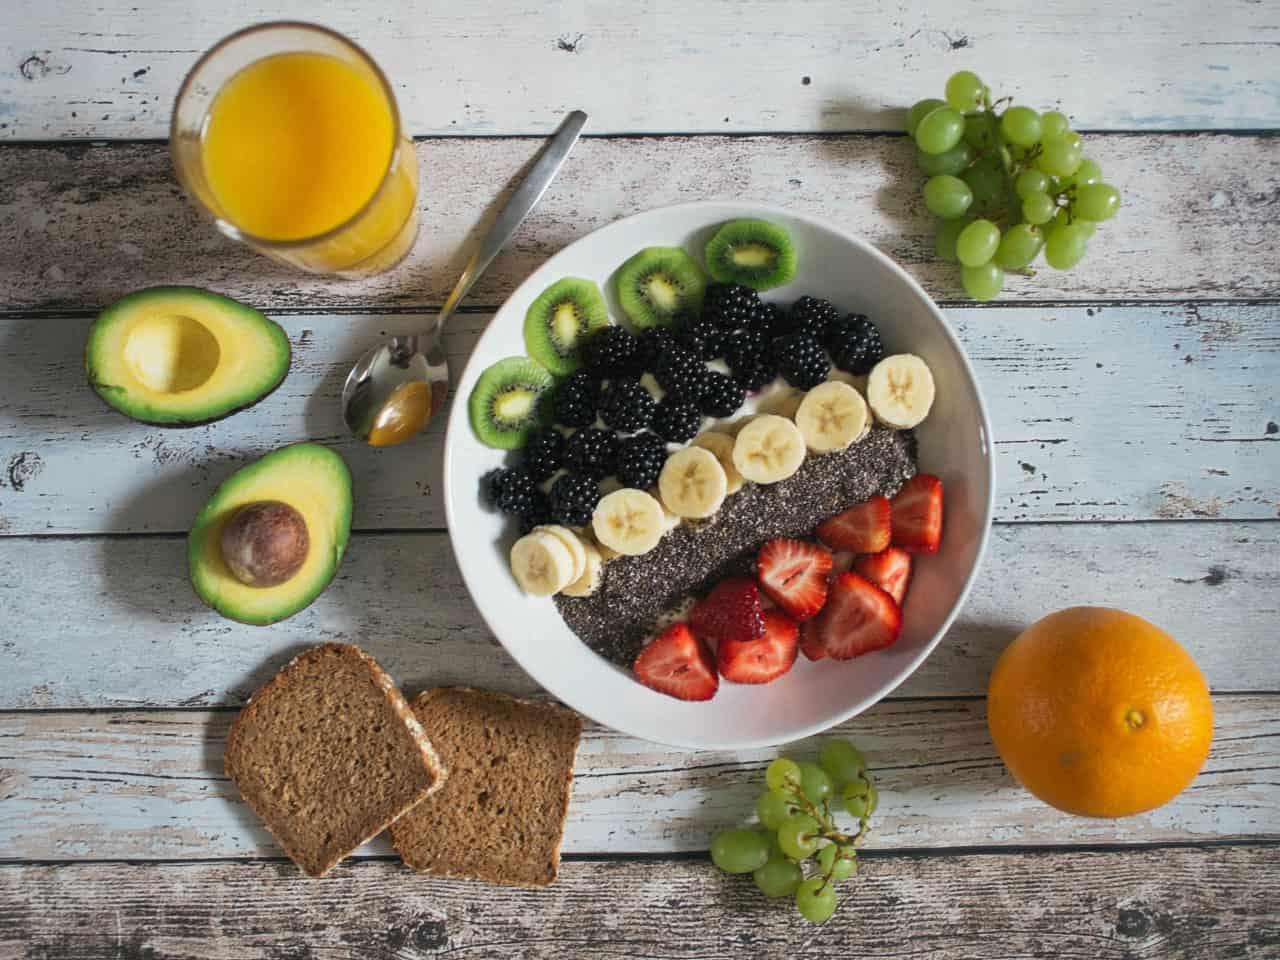 esayunos ecológicos saludables para adelgazar